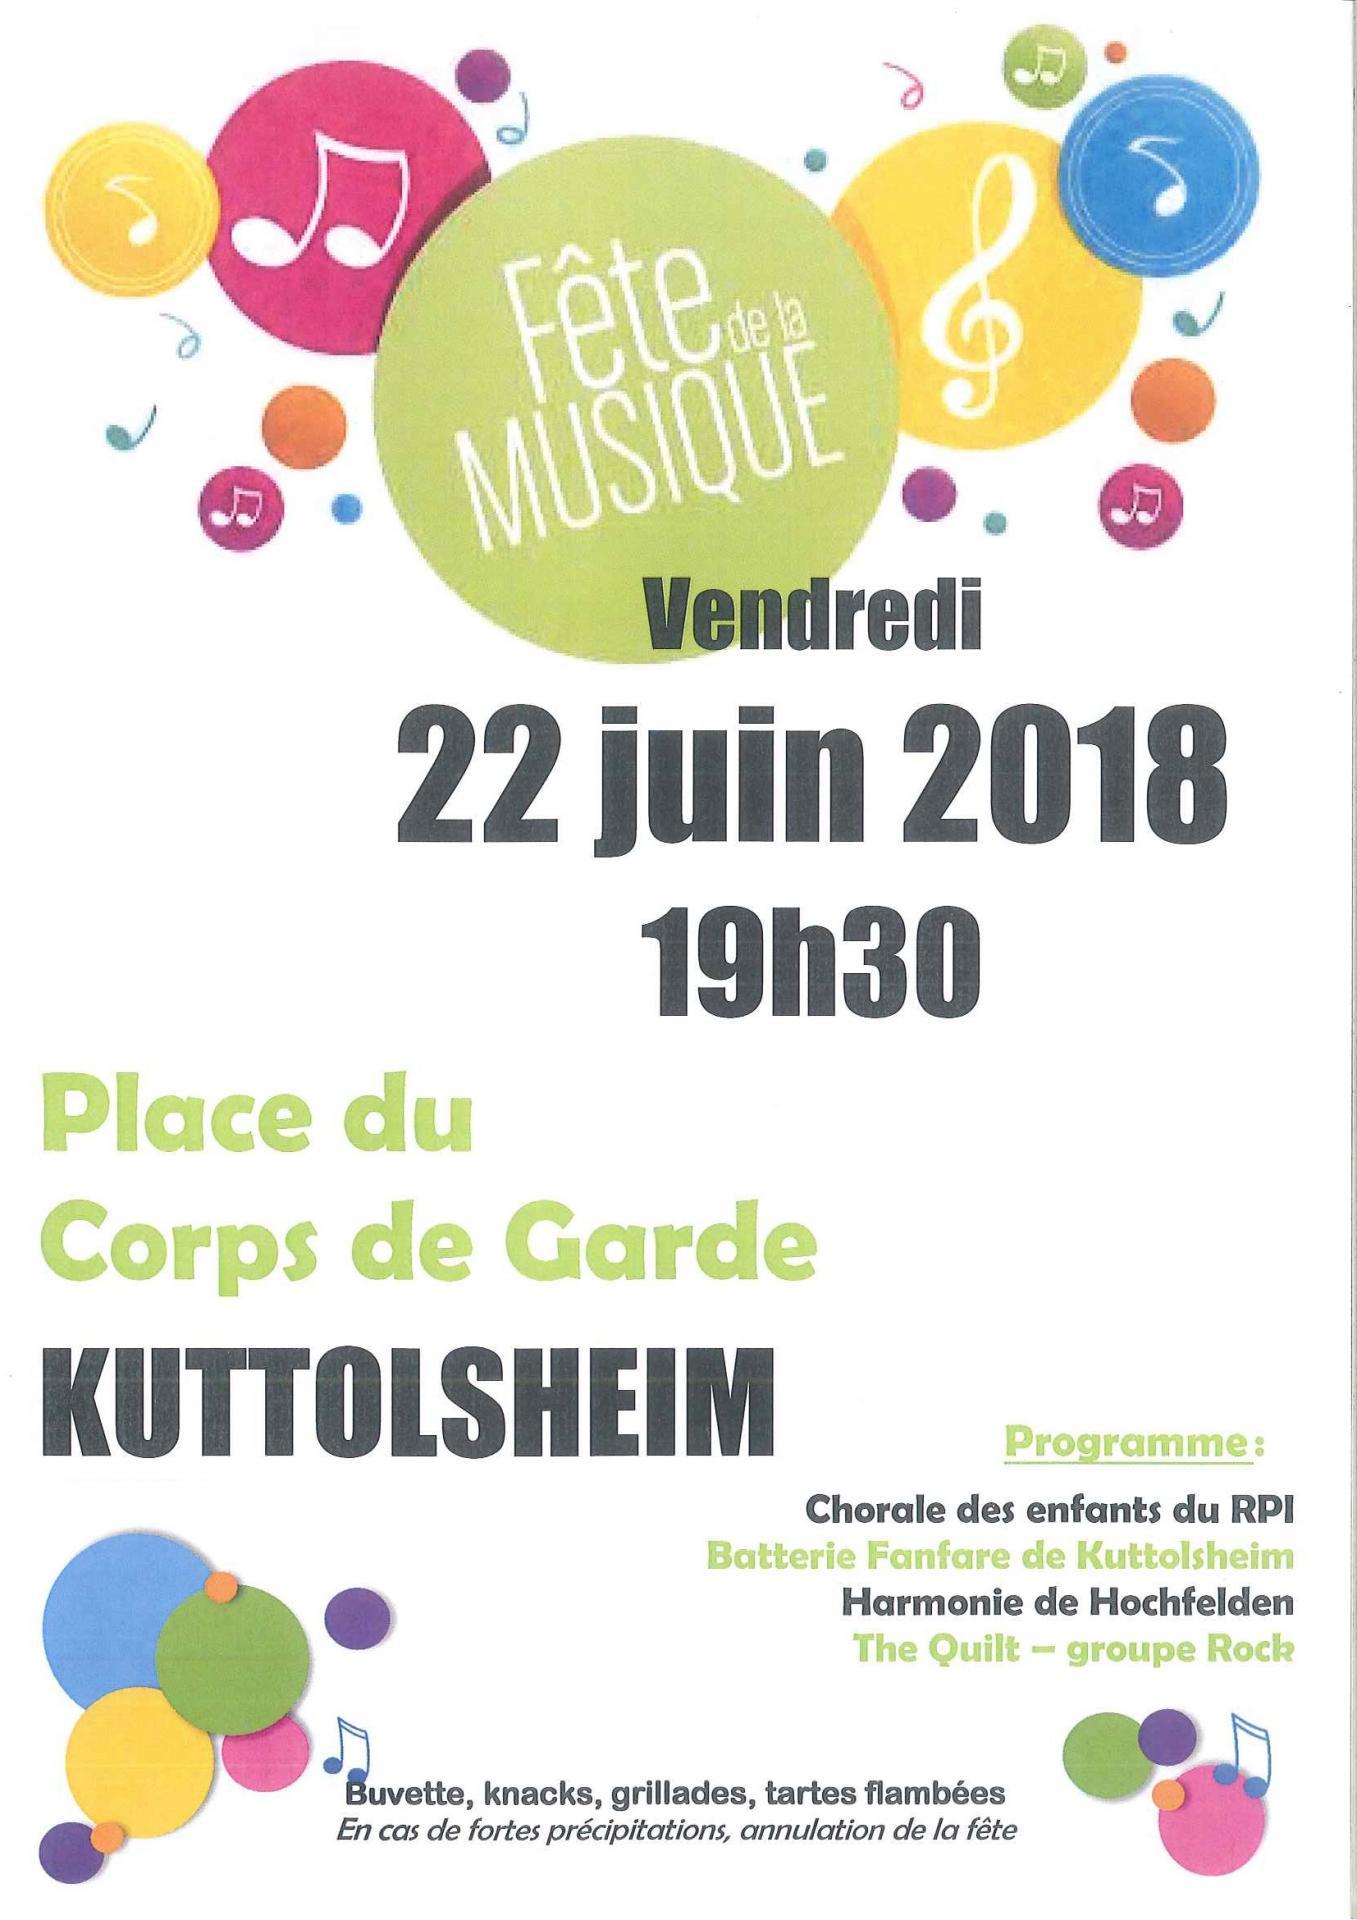 Fete musique 2018 kuttolsheim